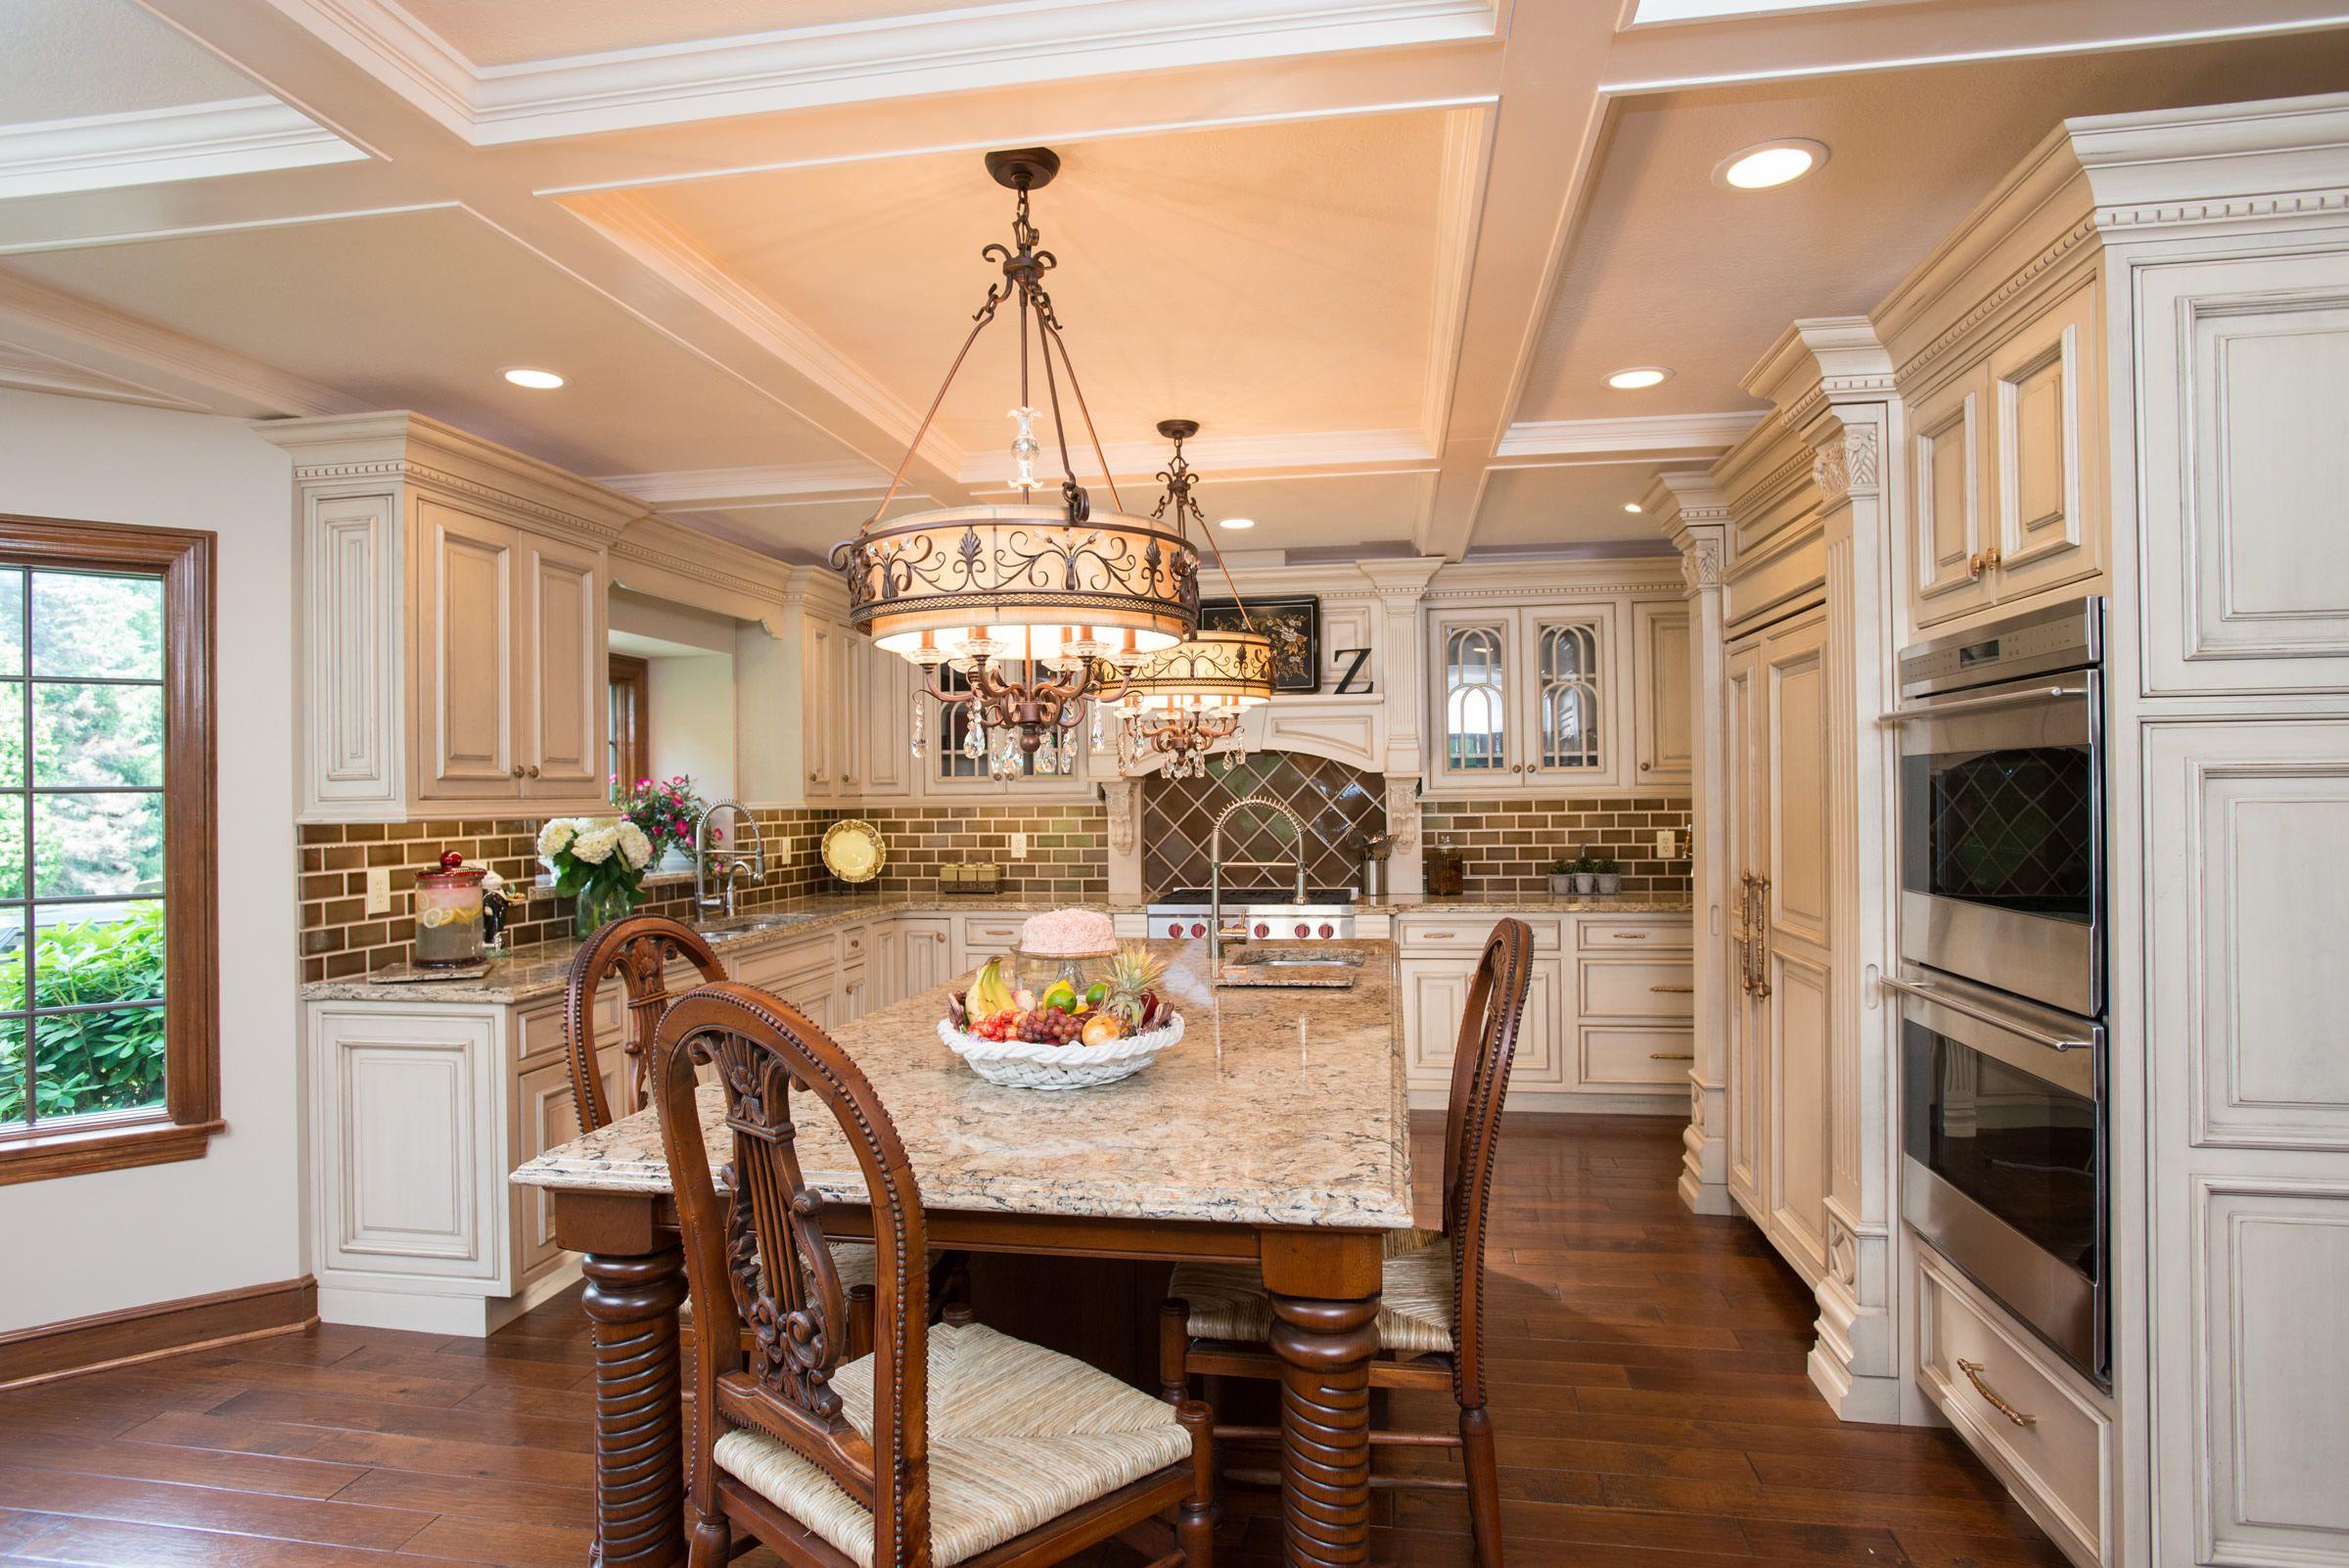 kitchen planning design installation remodeling kitchen plans kitchen remodel beautiful on kitchen remodel planner id=41833